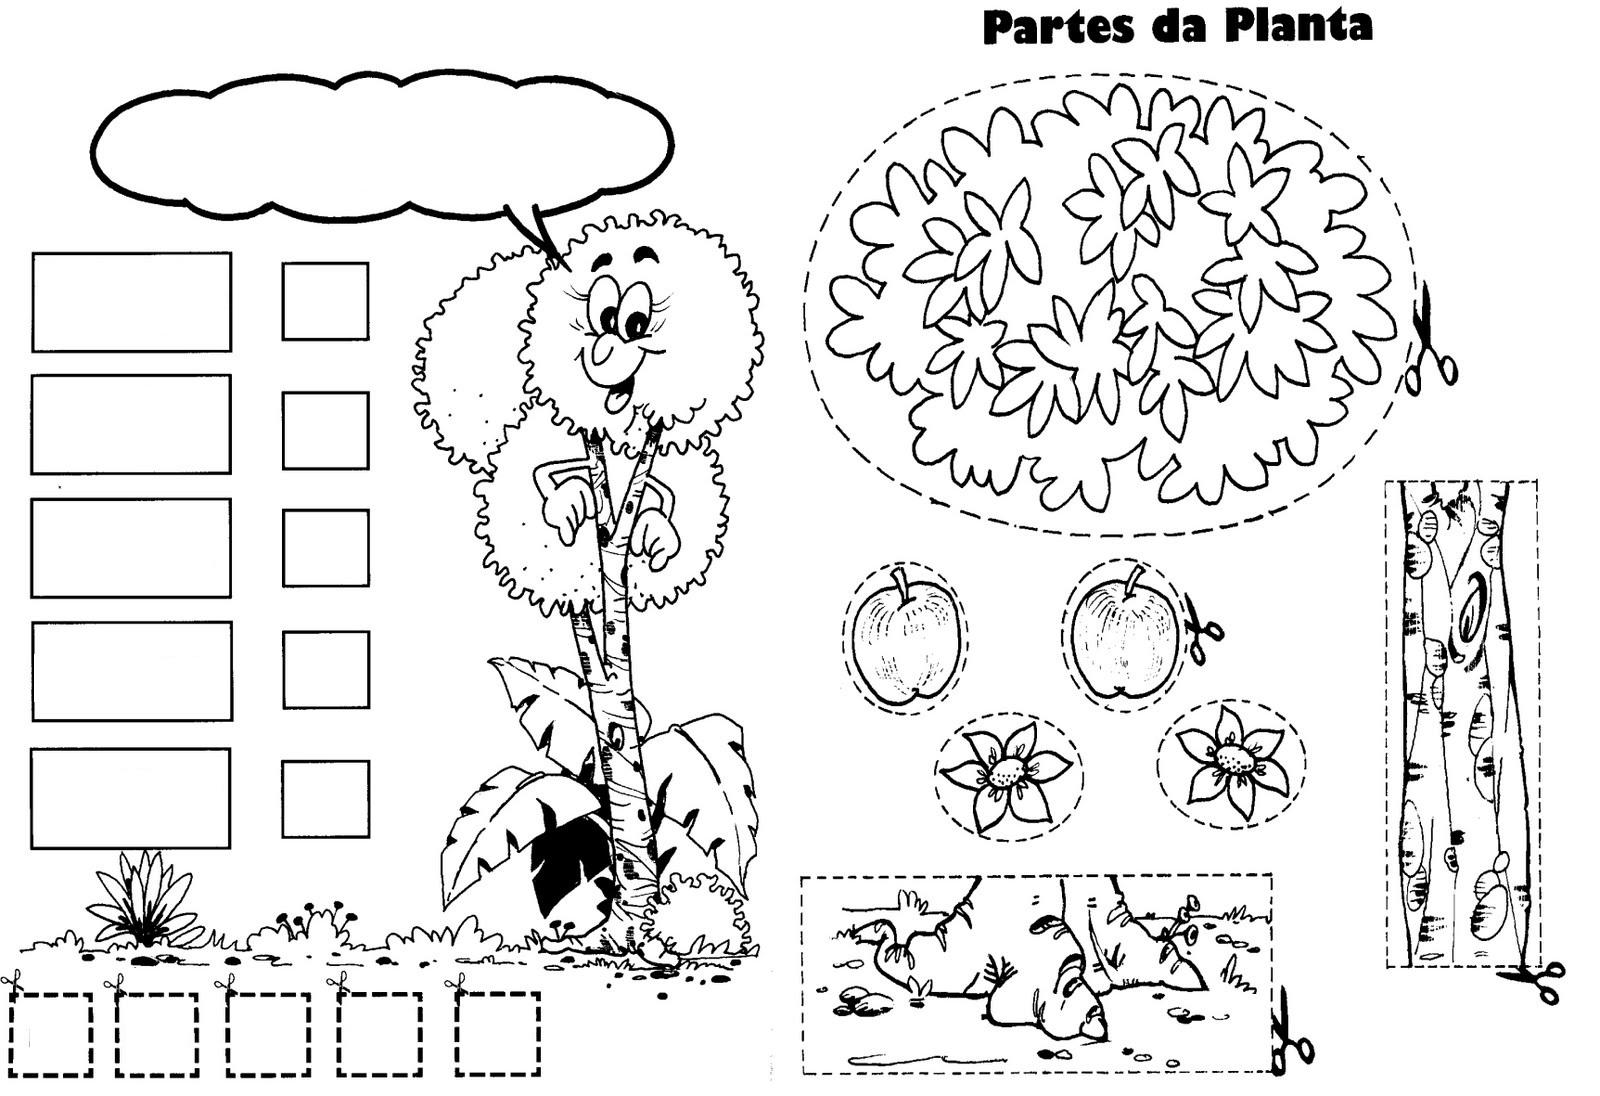 Dibujo De Una Planta Para Completar Sus Parte Colorea El